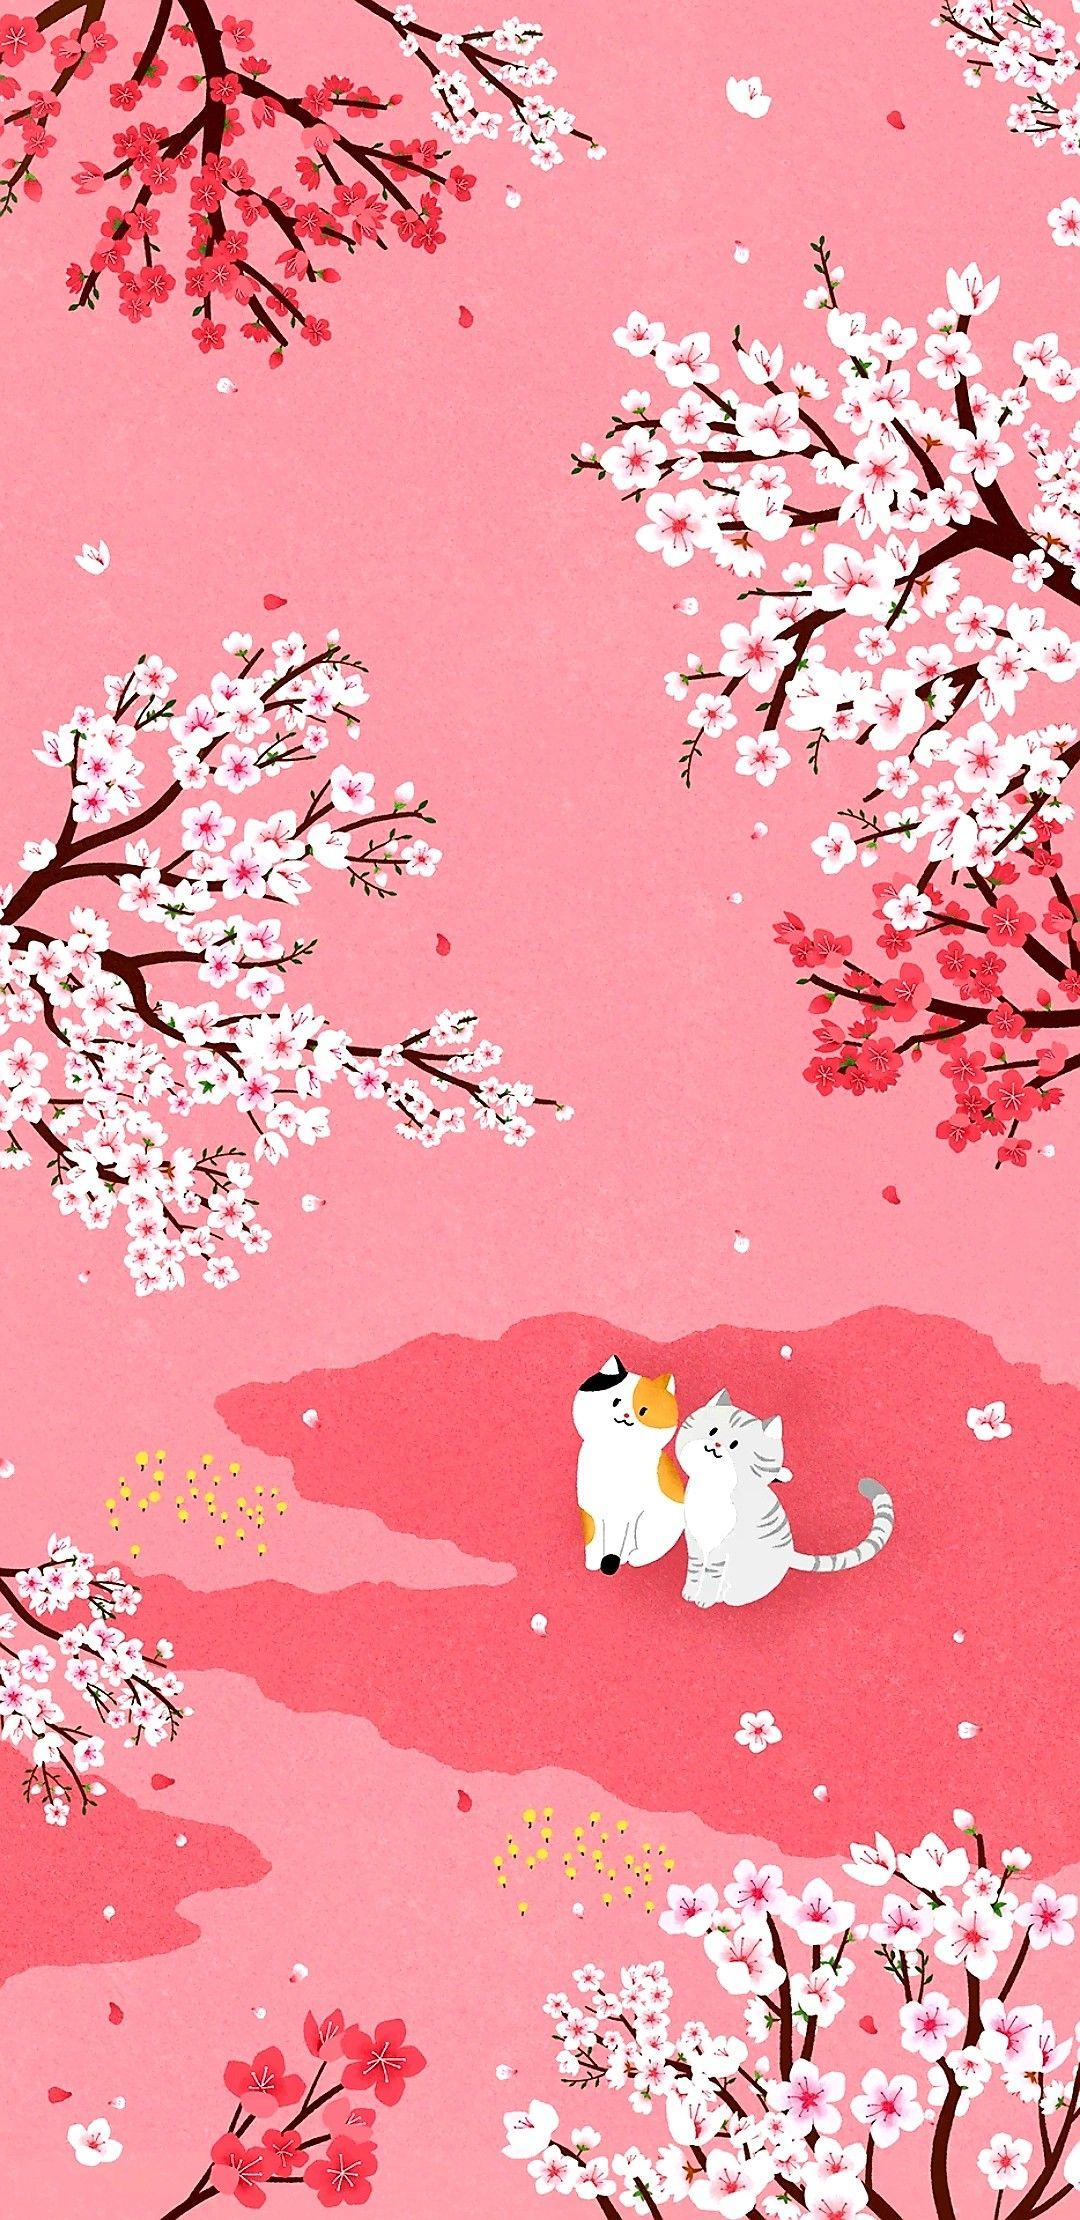 52 Ideas Wall Paper Cute Kawaii Molang Cute Anime Wallpaper Cute Wallpapers Kawaii Wallpaper